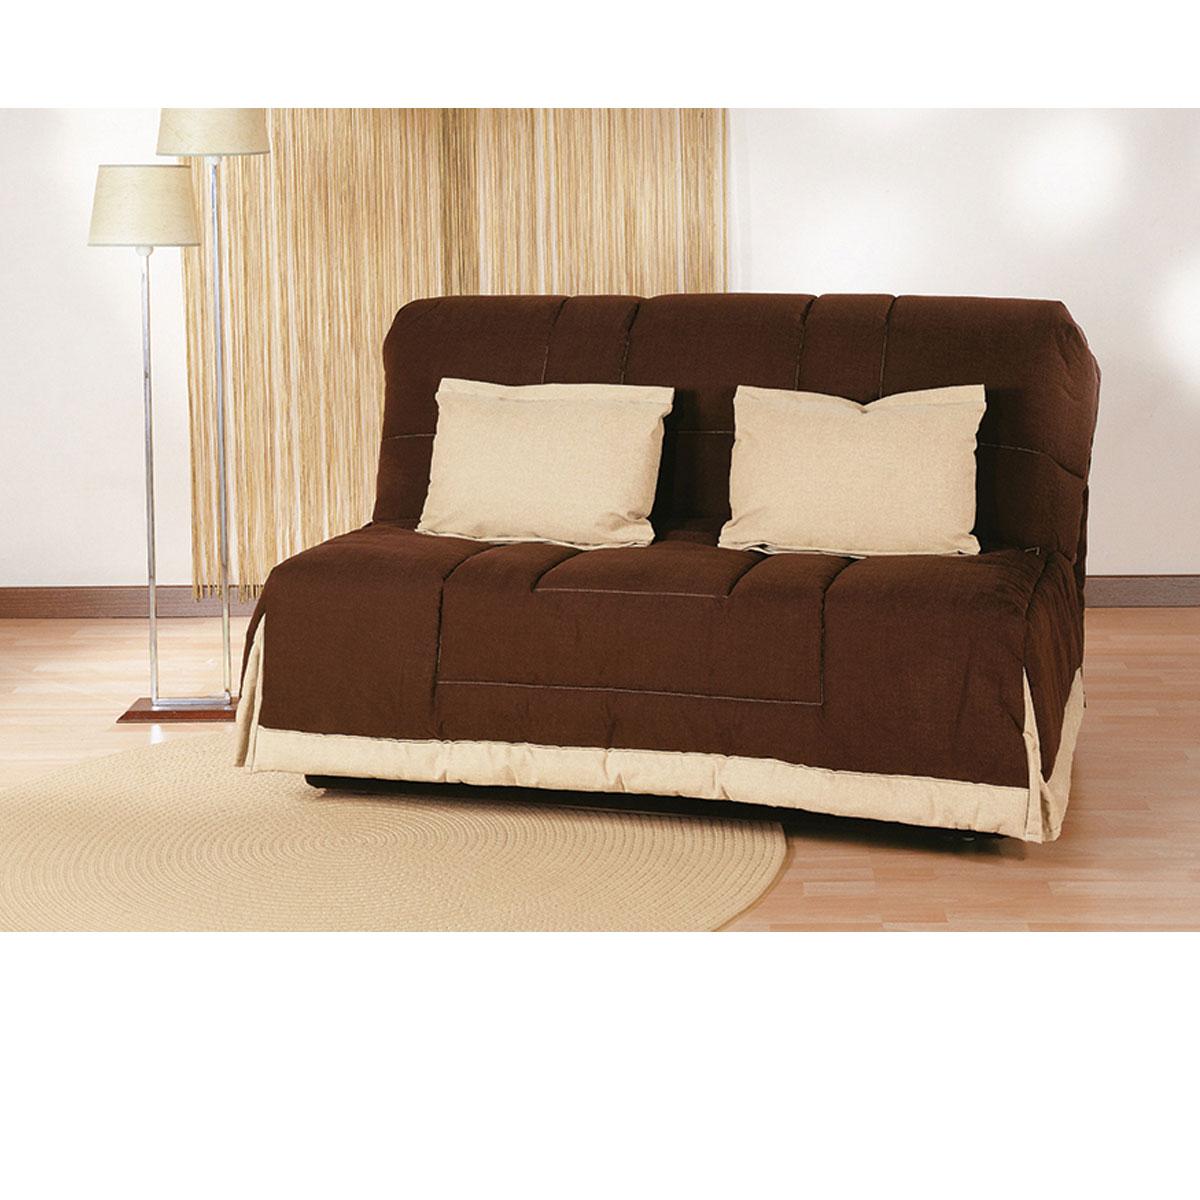 bz de qualit clicclac vick banquette clic clac places tissu velours with bz de qualit best. Black Bedroom Furniture Sets. Home Design Ideas